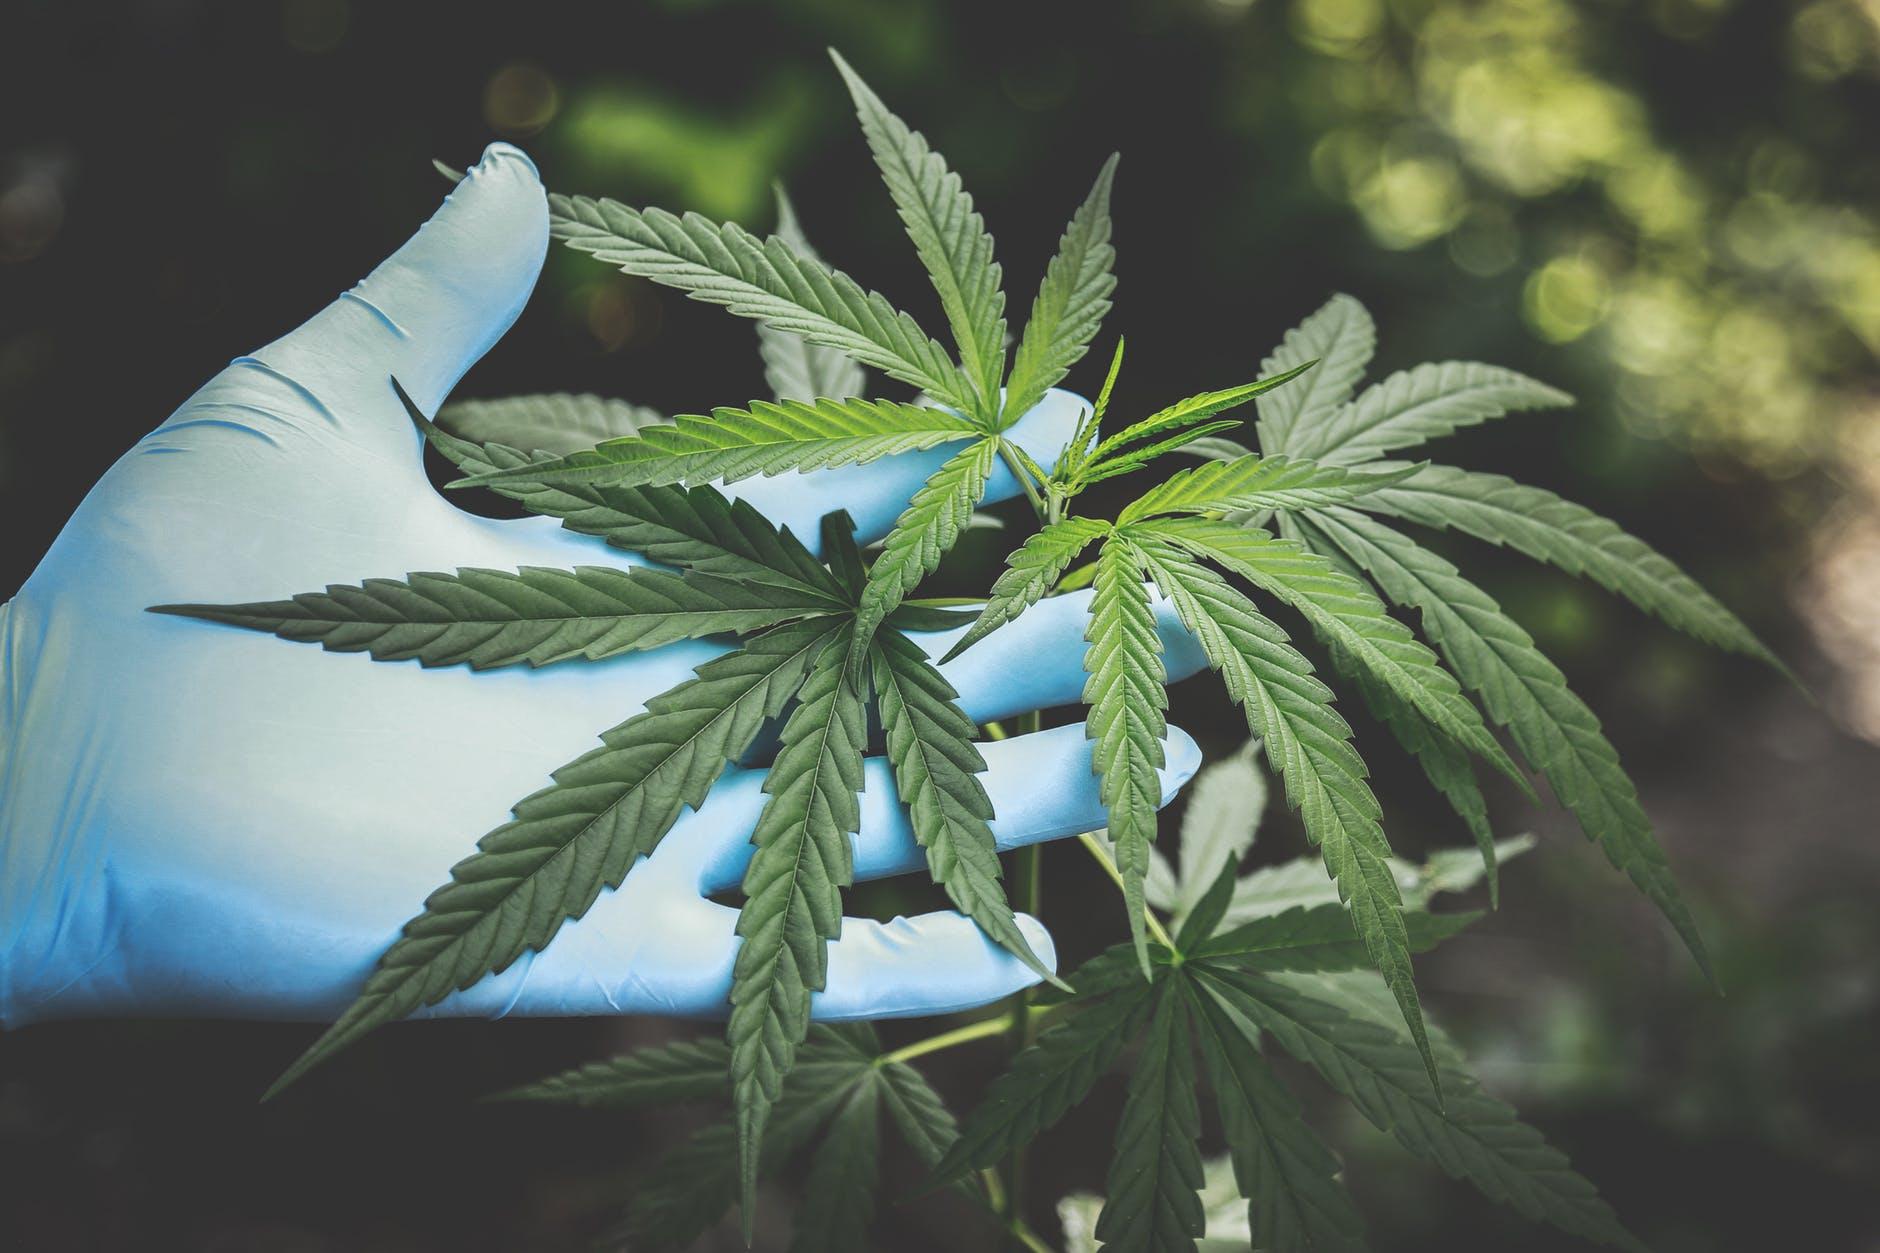 IMAGEM: Ibaneis assina lei de incentivo a pesquisas com Cannabis medicinal